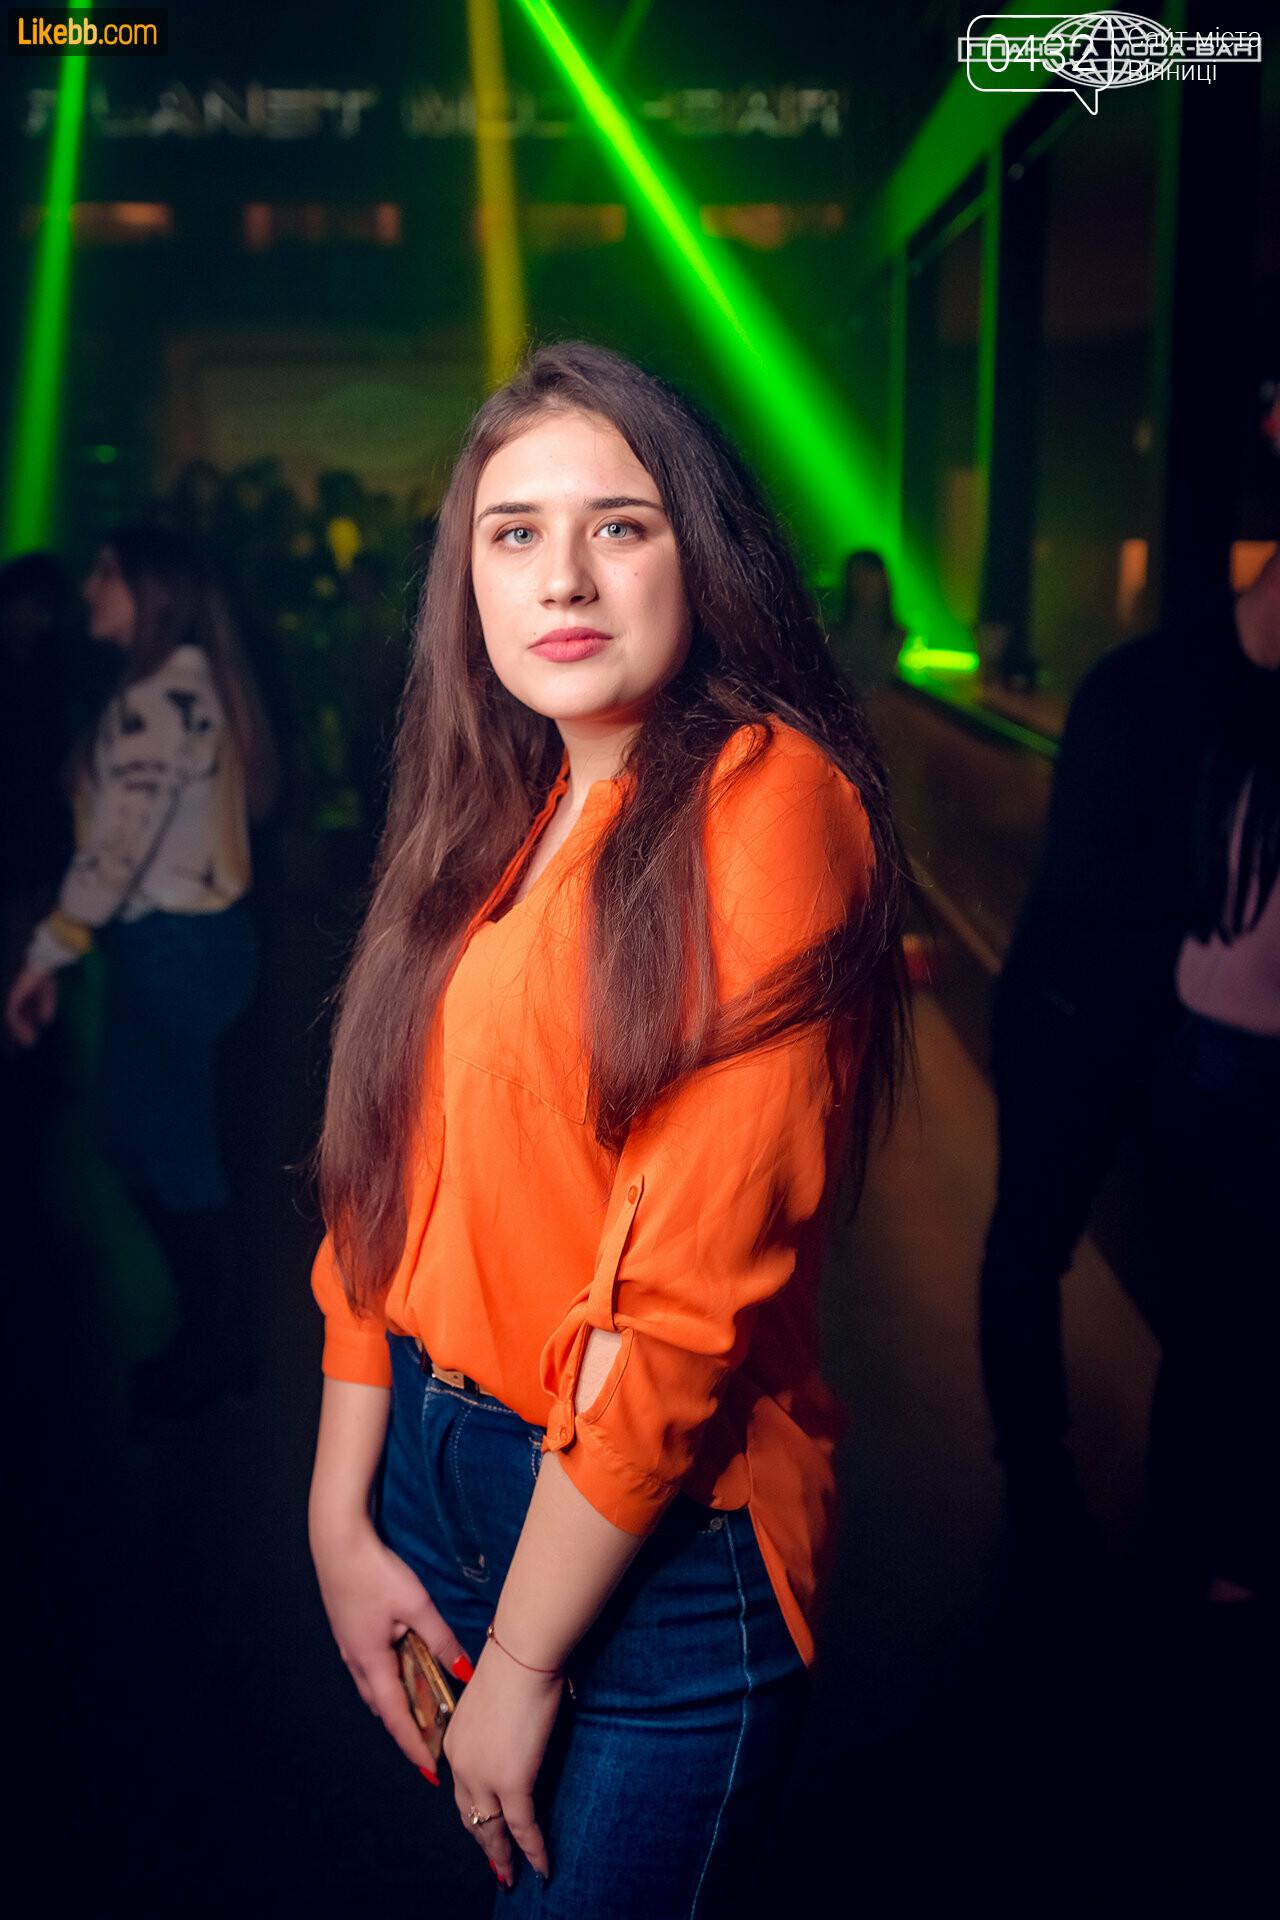 Образ для девушки в ночной клуб эротическое шоу китая